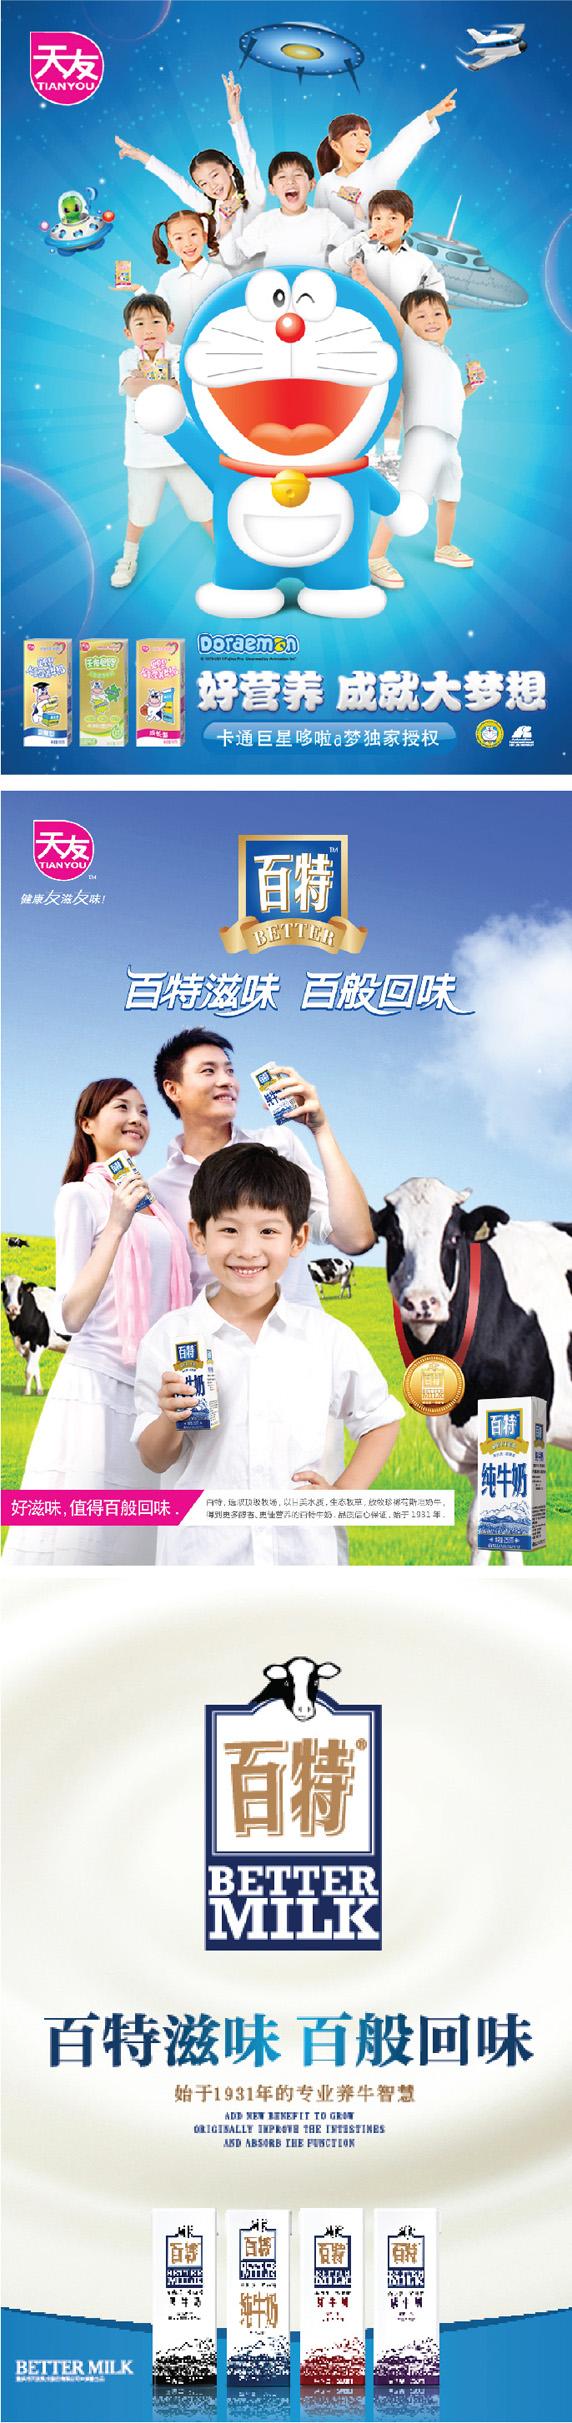 天友牛奶主画面